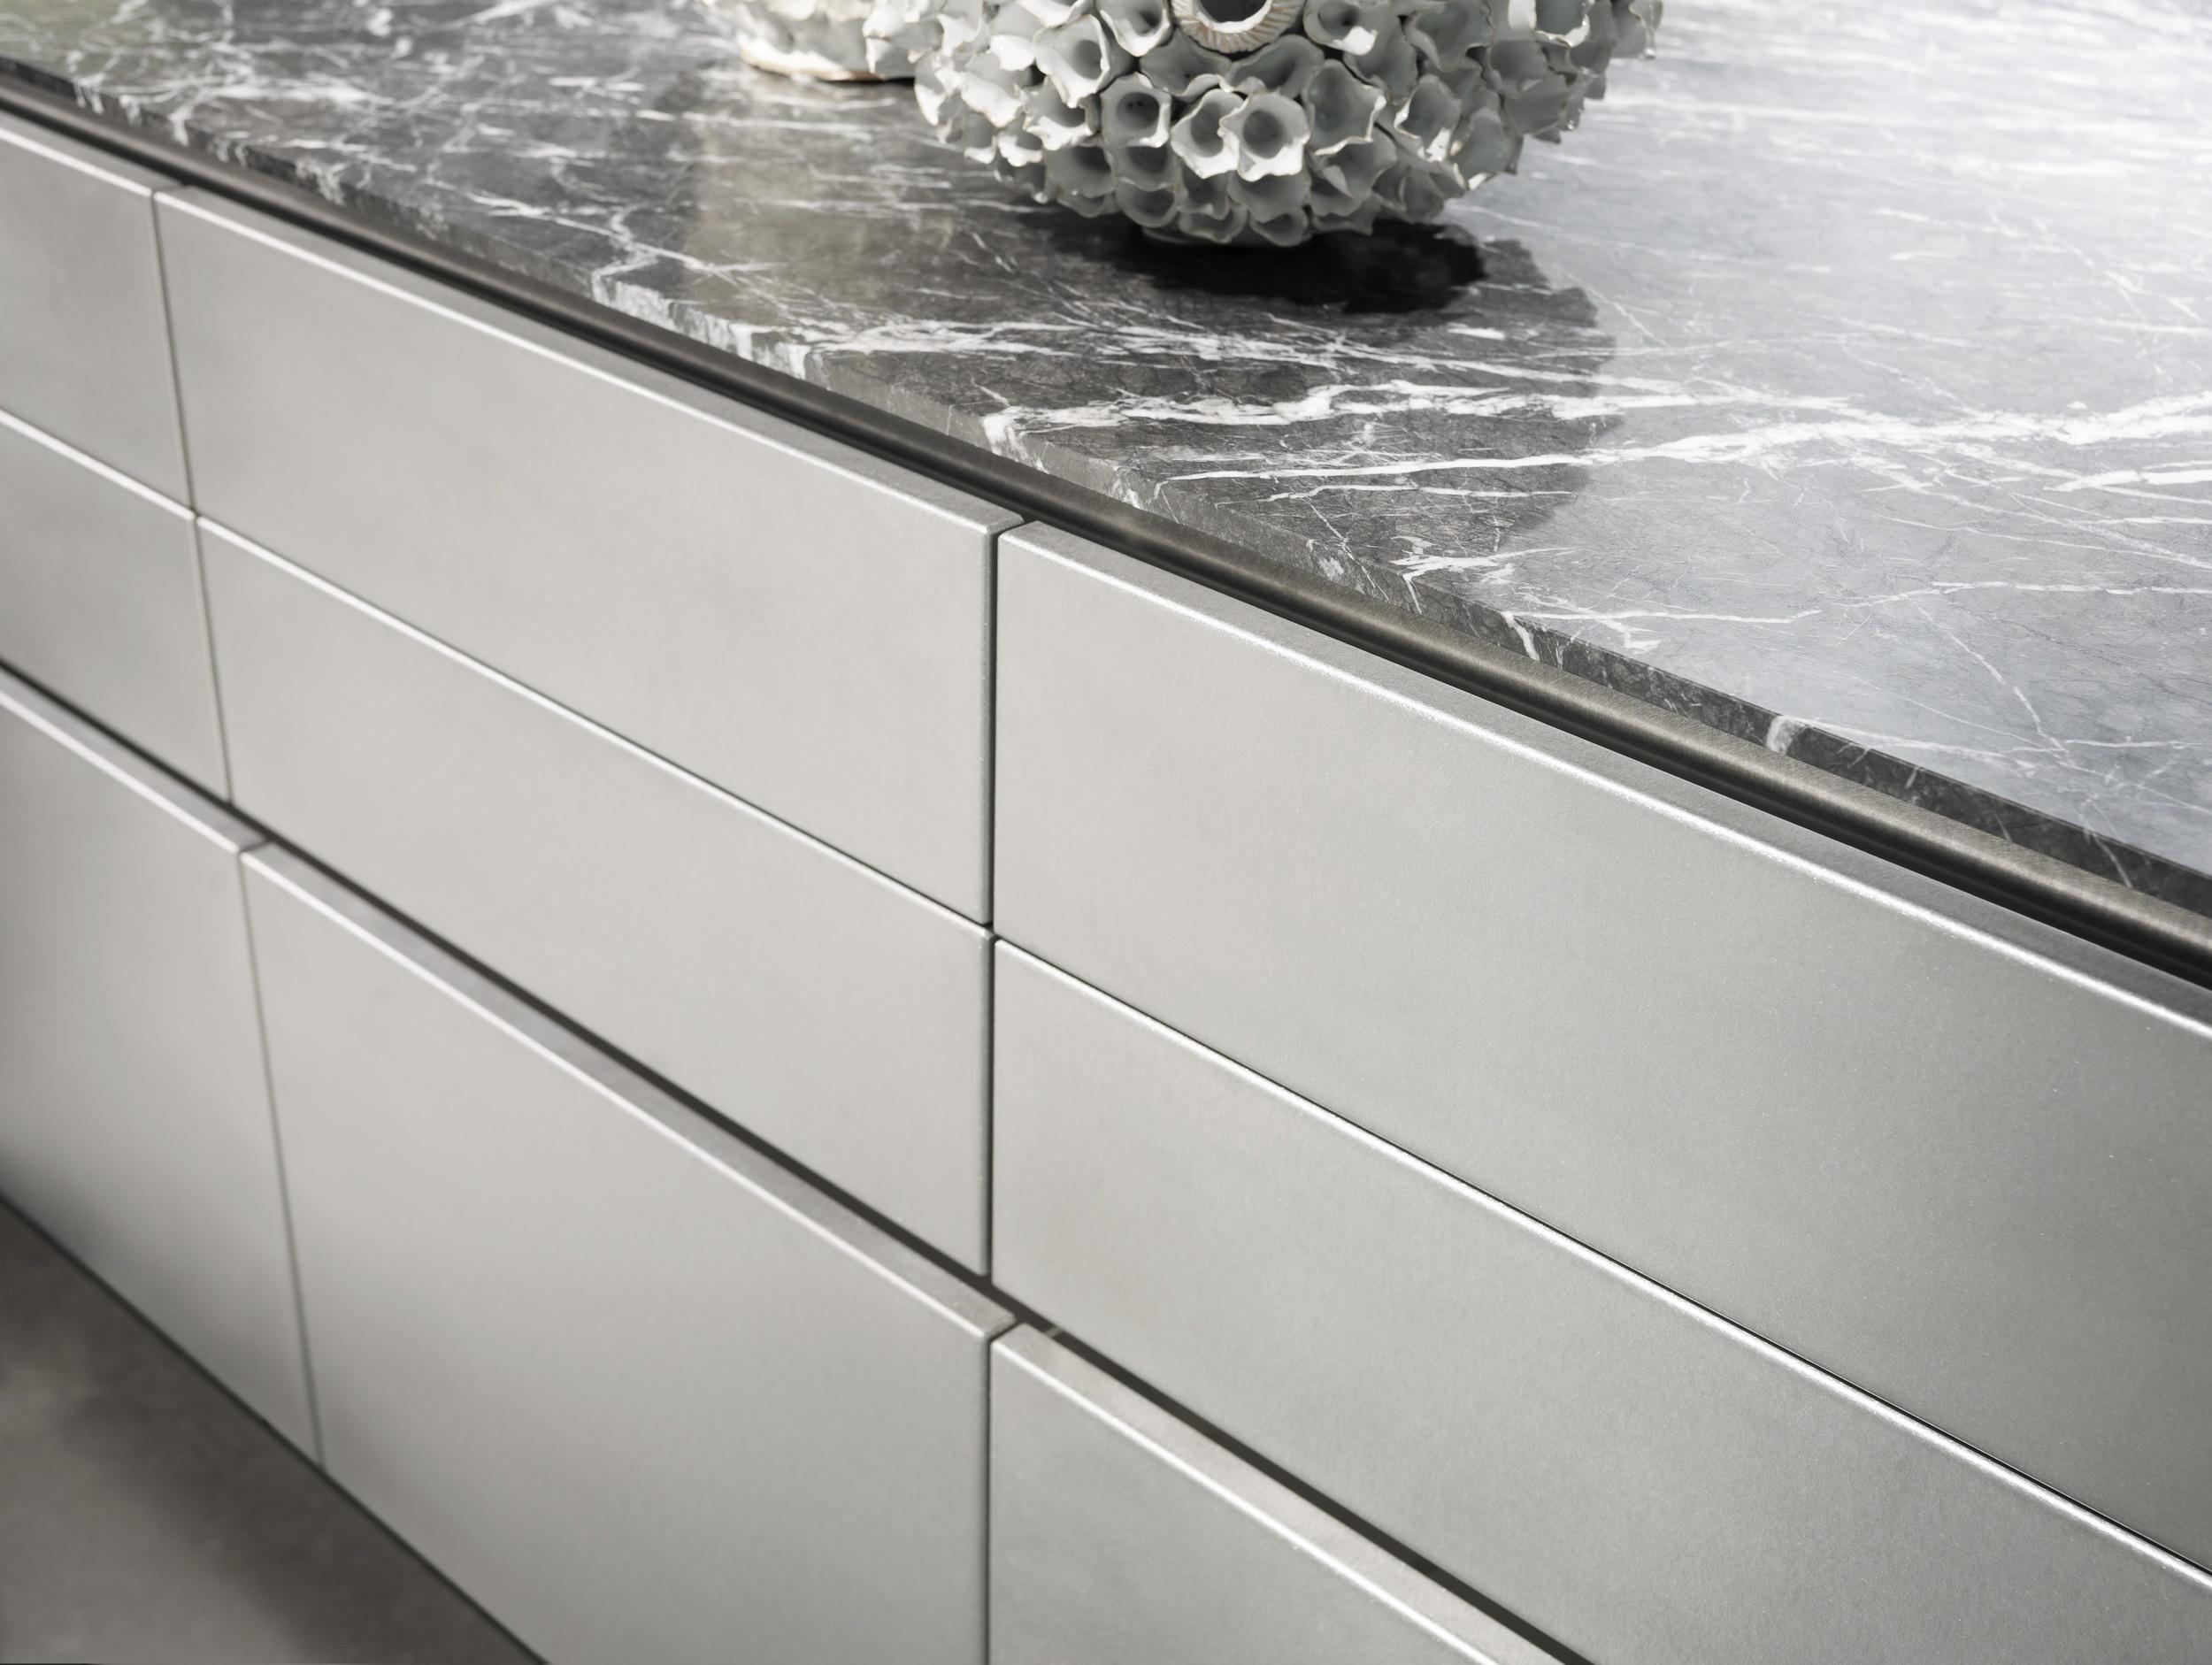 stainless_steel_matt_lacquer_detail_1.jpg